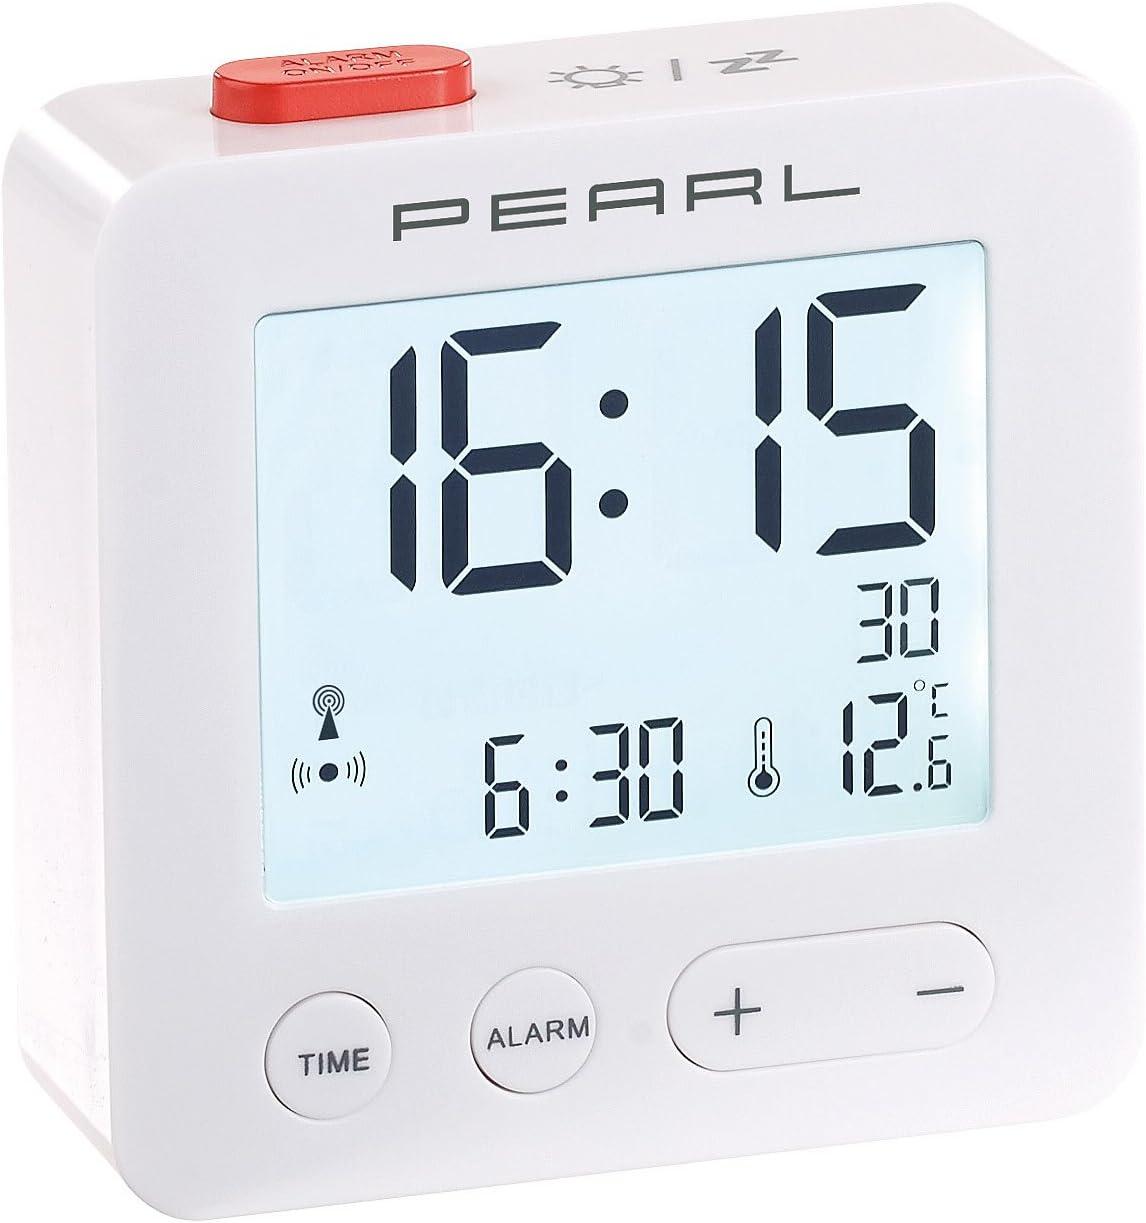 6,6 x 6,6 x 2,1 cm Pearl Sveglia Viaggio con termometro e Display Illuminato radiosveglia Digitale Bianco